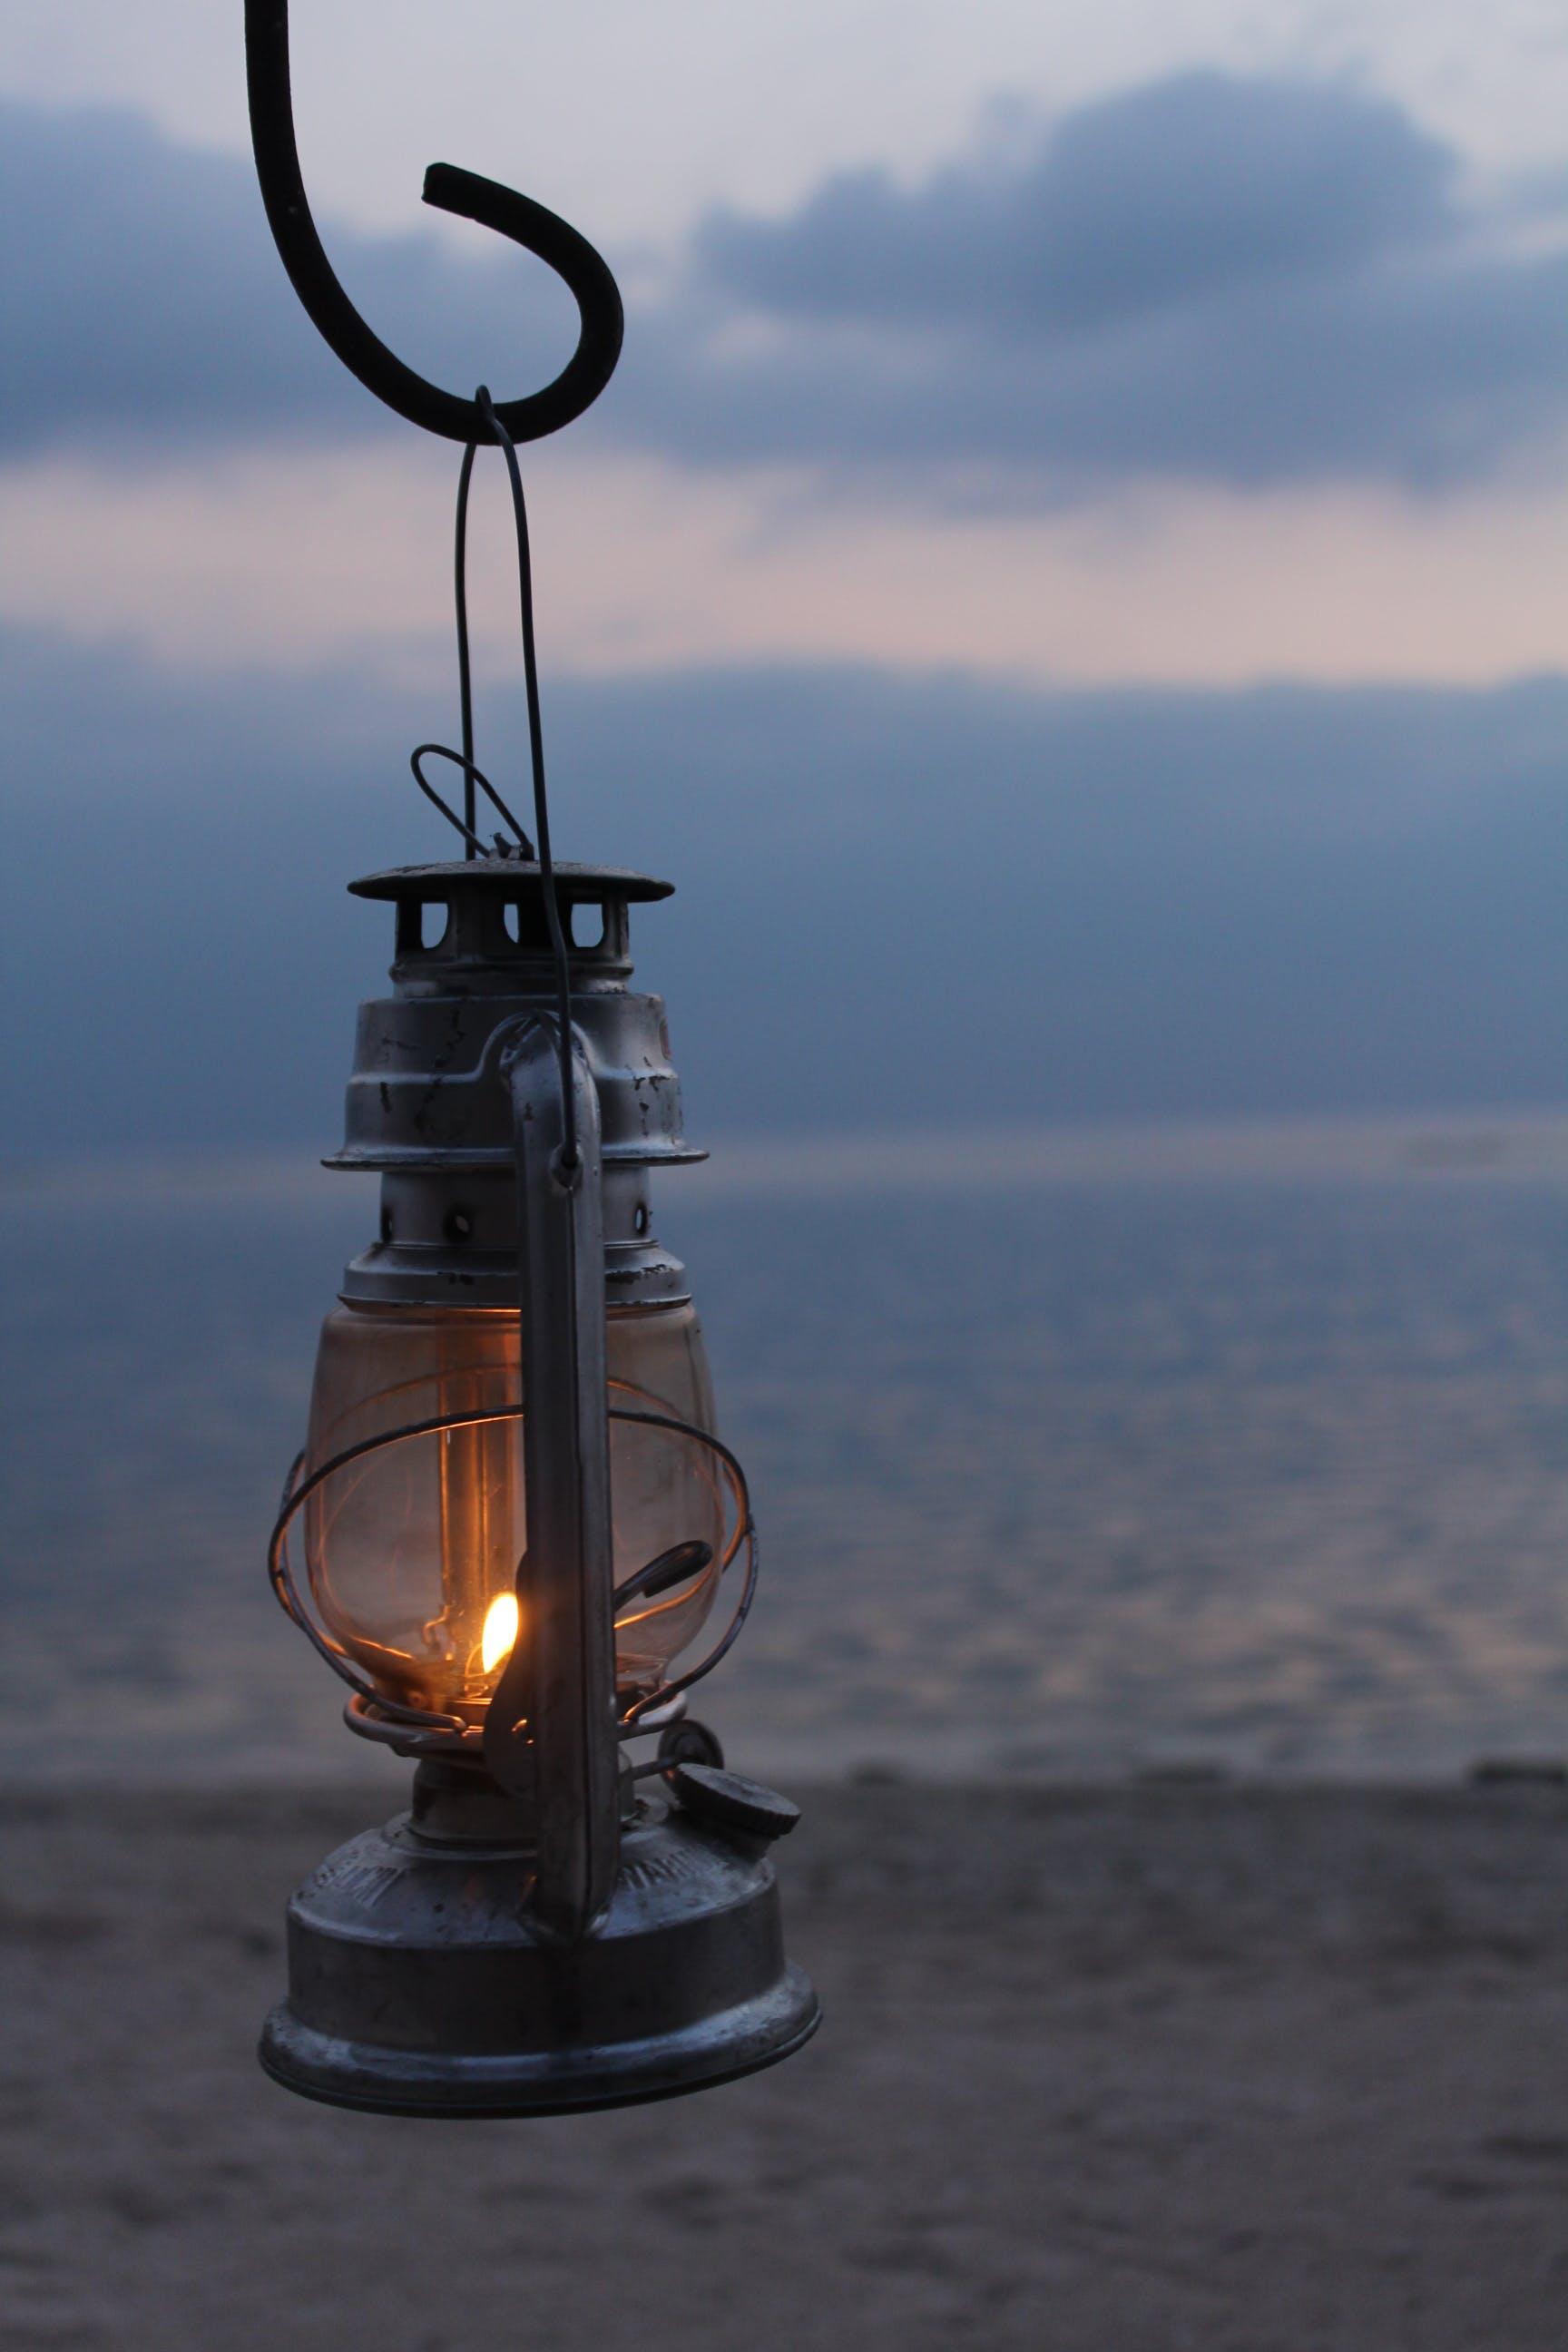 Free stock photo of beach, candle, coast, dusk